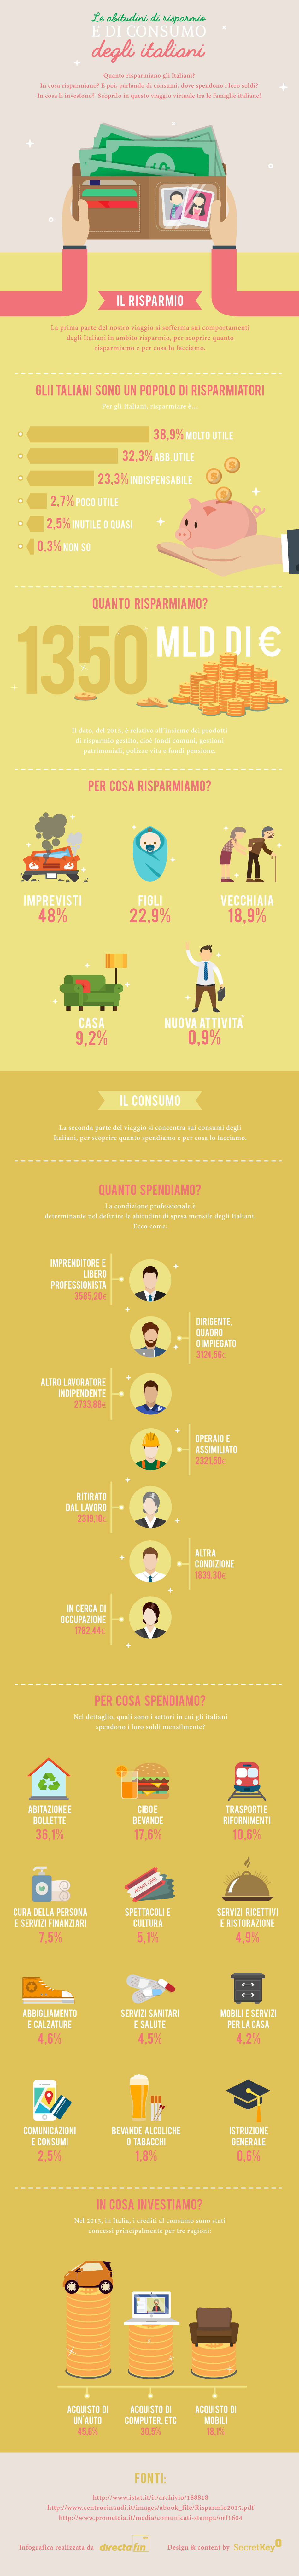 Risarmio e consumo Italiani